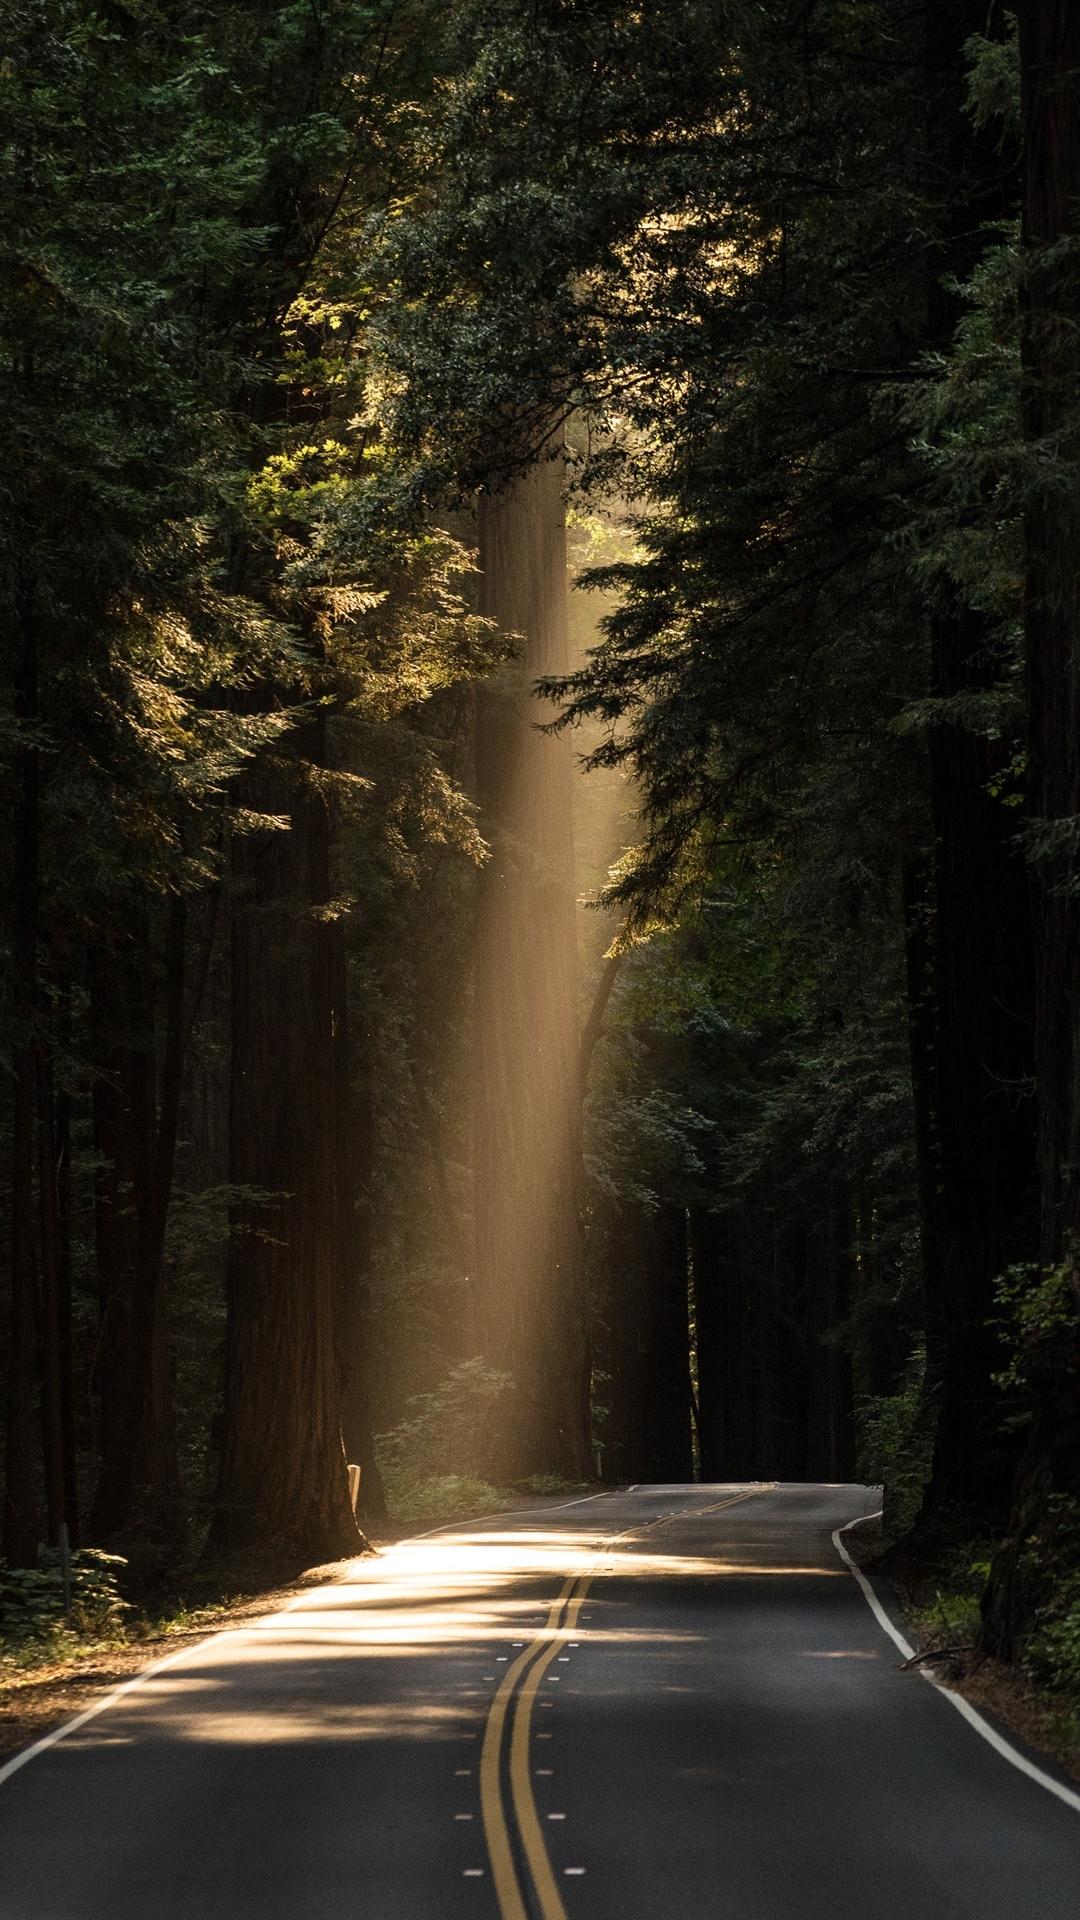 唯美宁静的林间小道图片壁纸2